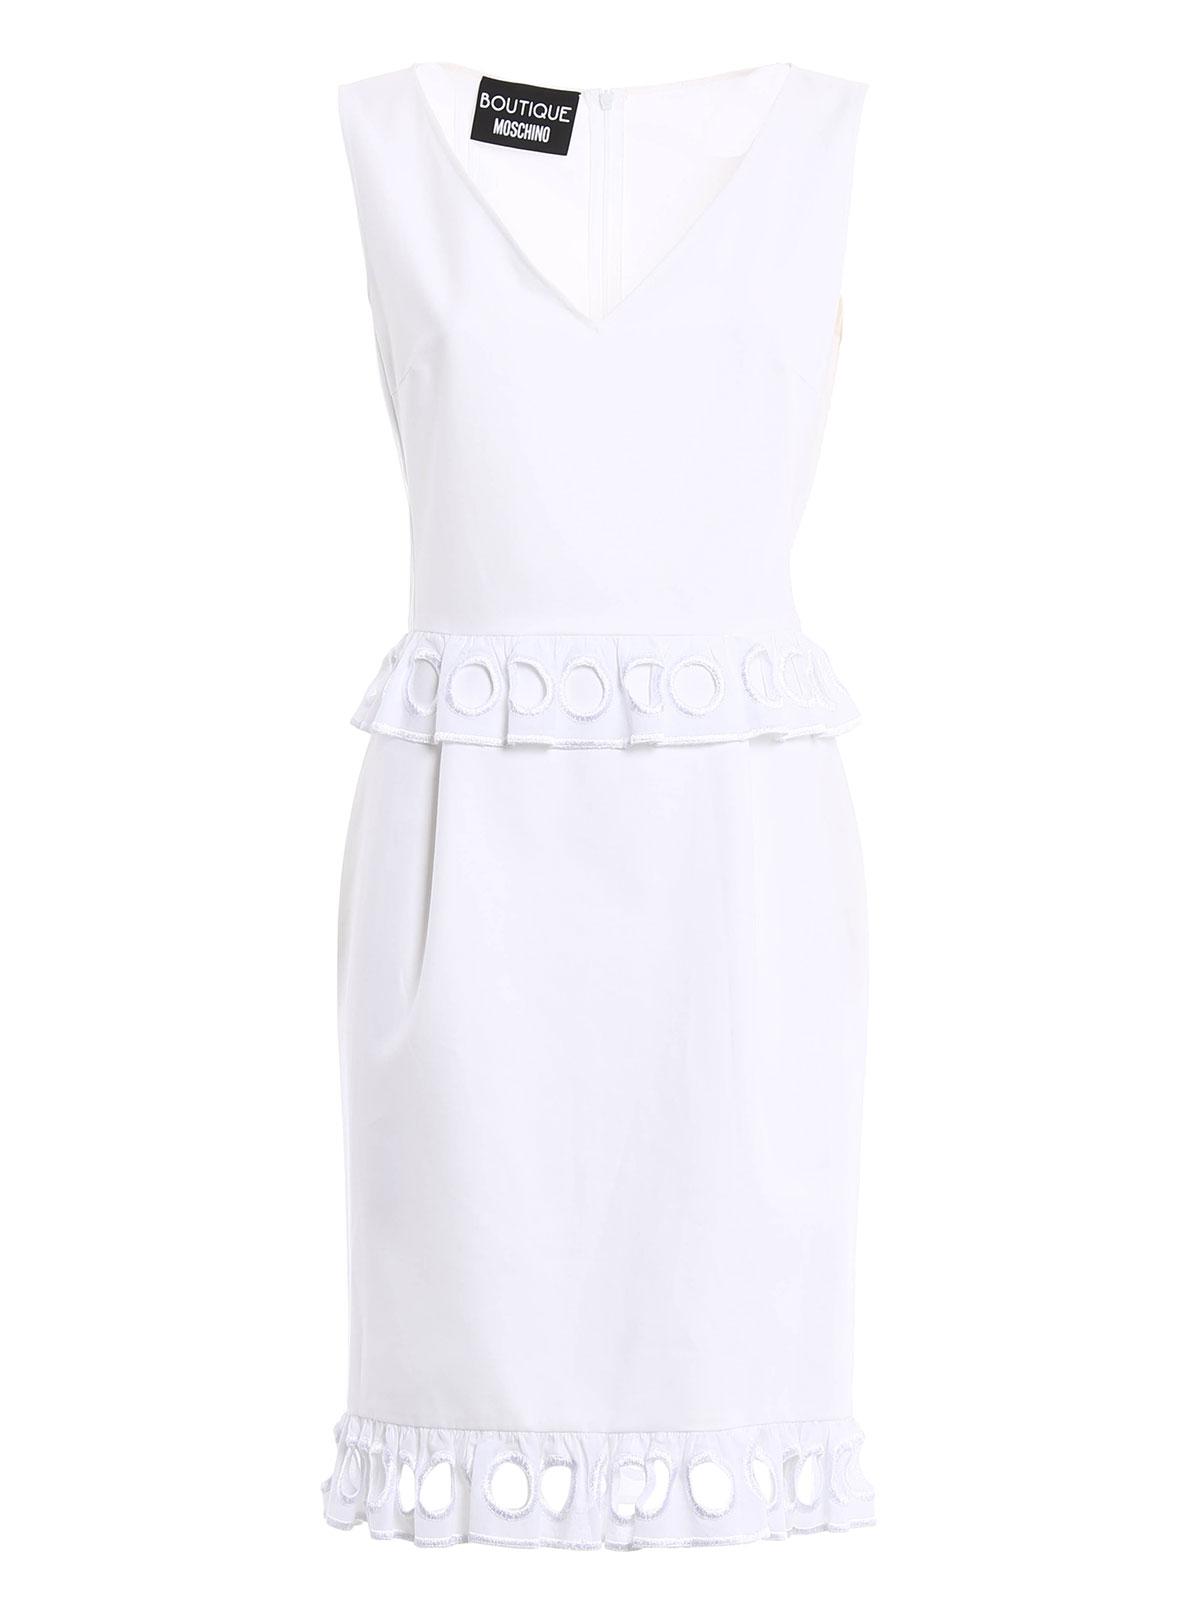 Cocktailkleid - Weiß von Moschino Boutique - Cocktailkleider | iKRIX